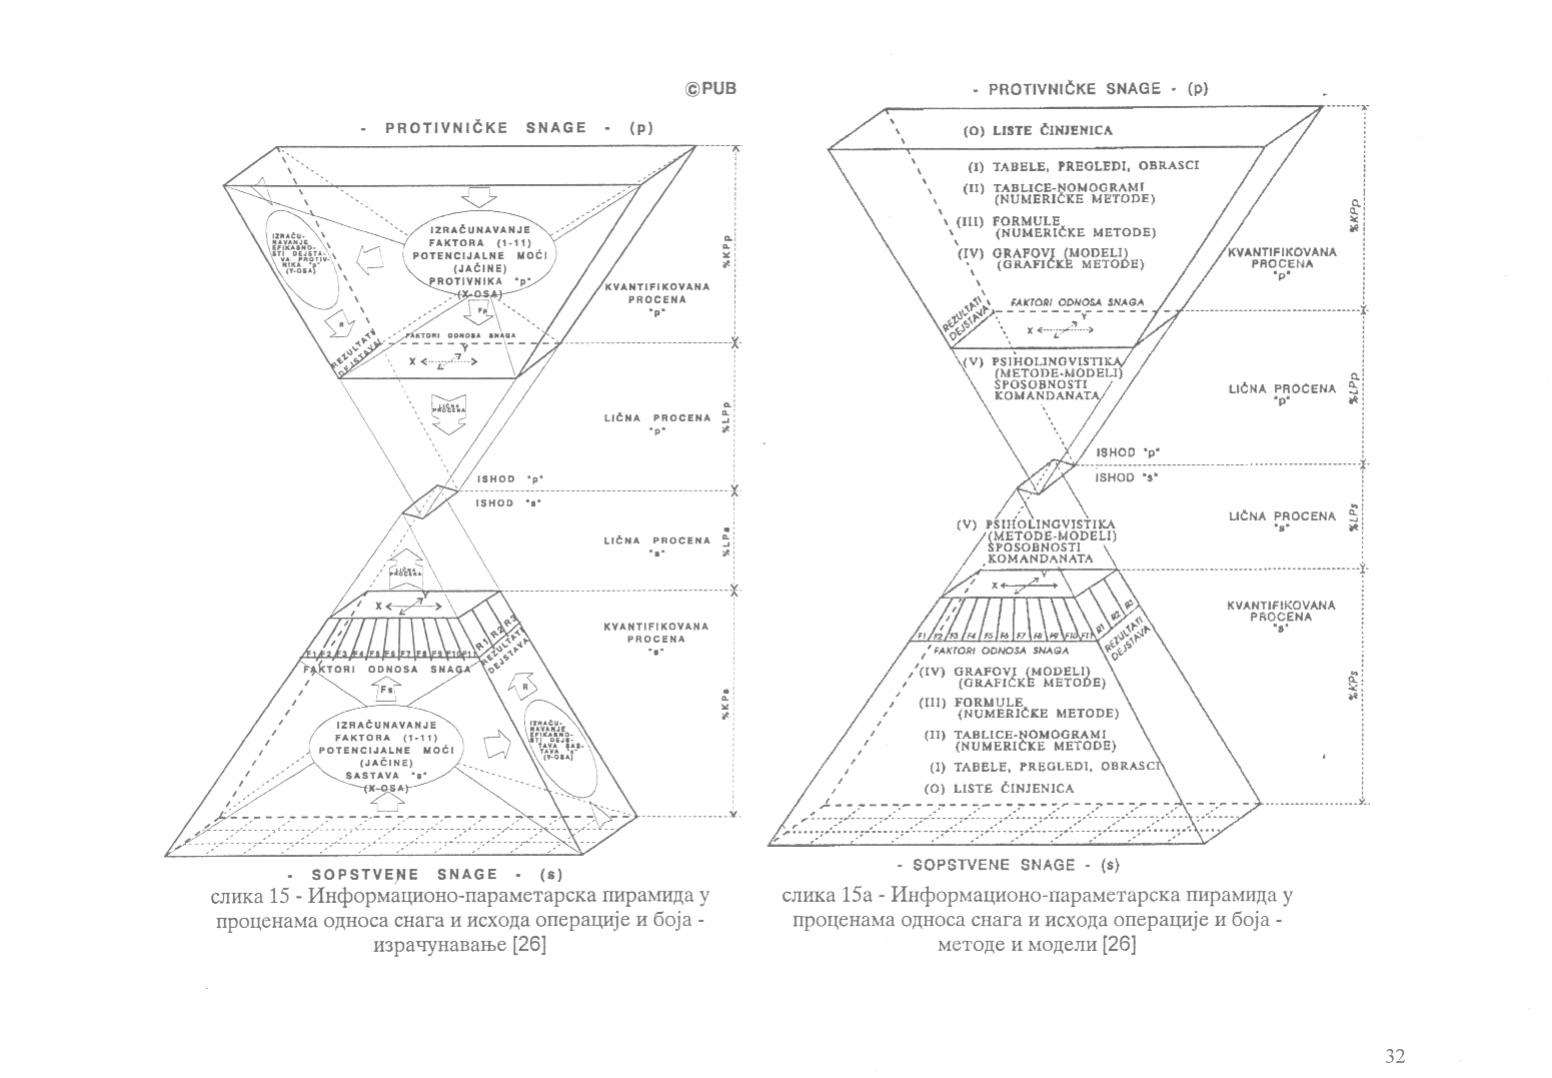 Informaciono parametarska piramida